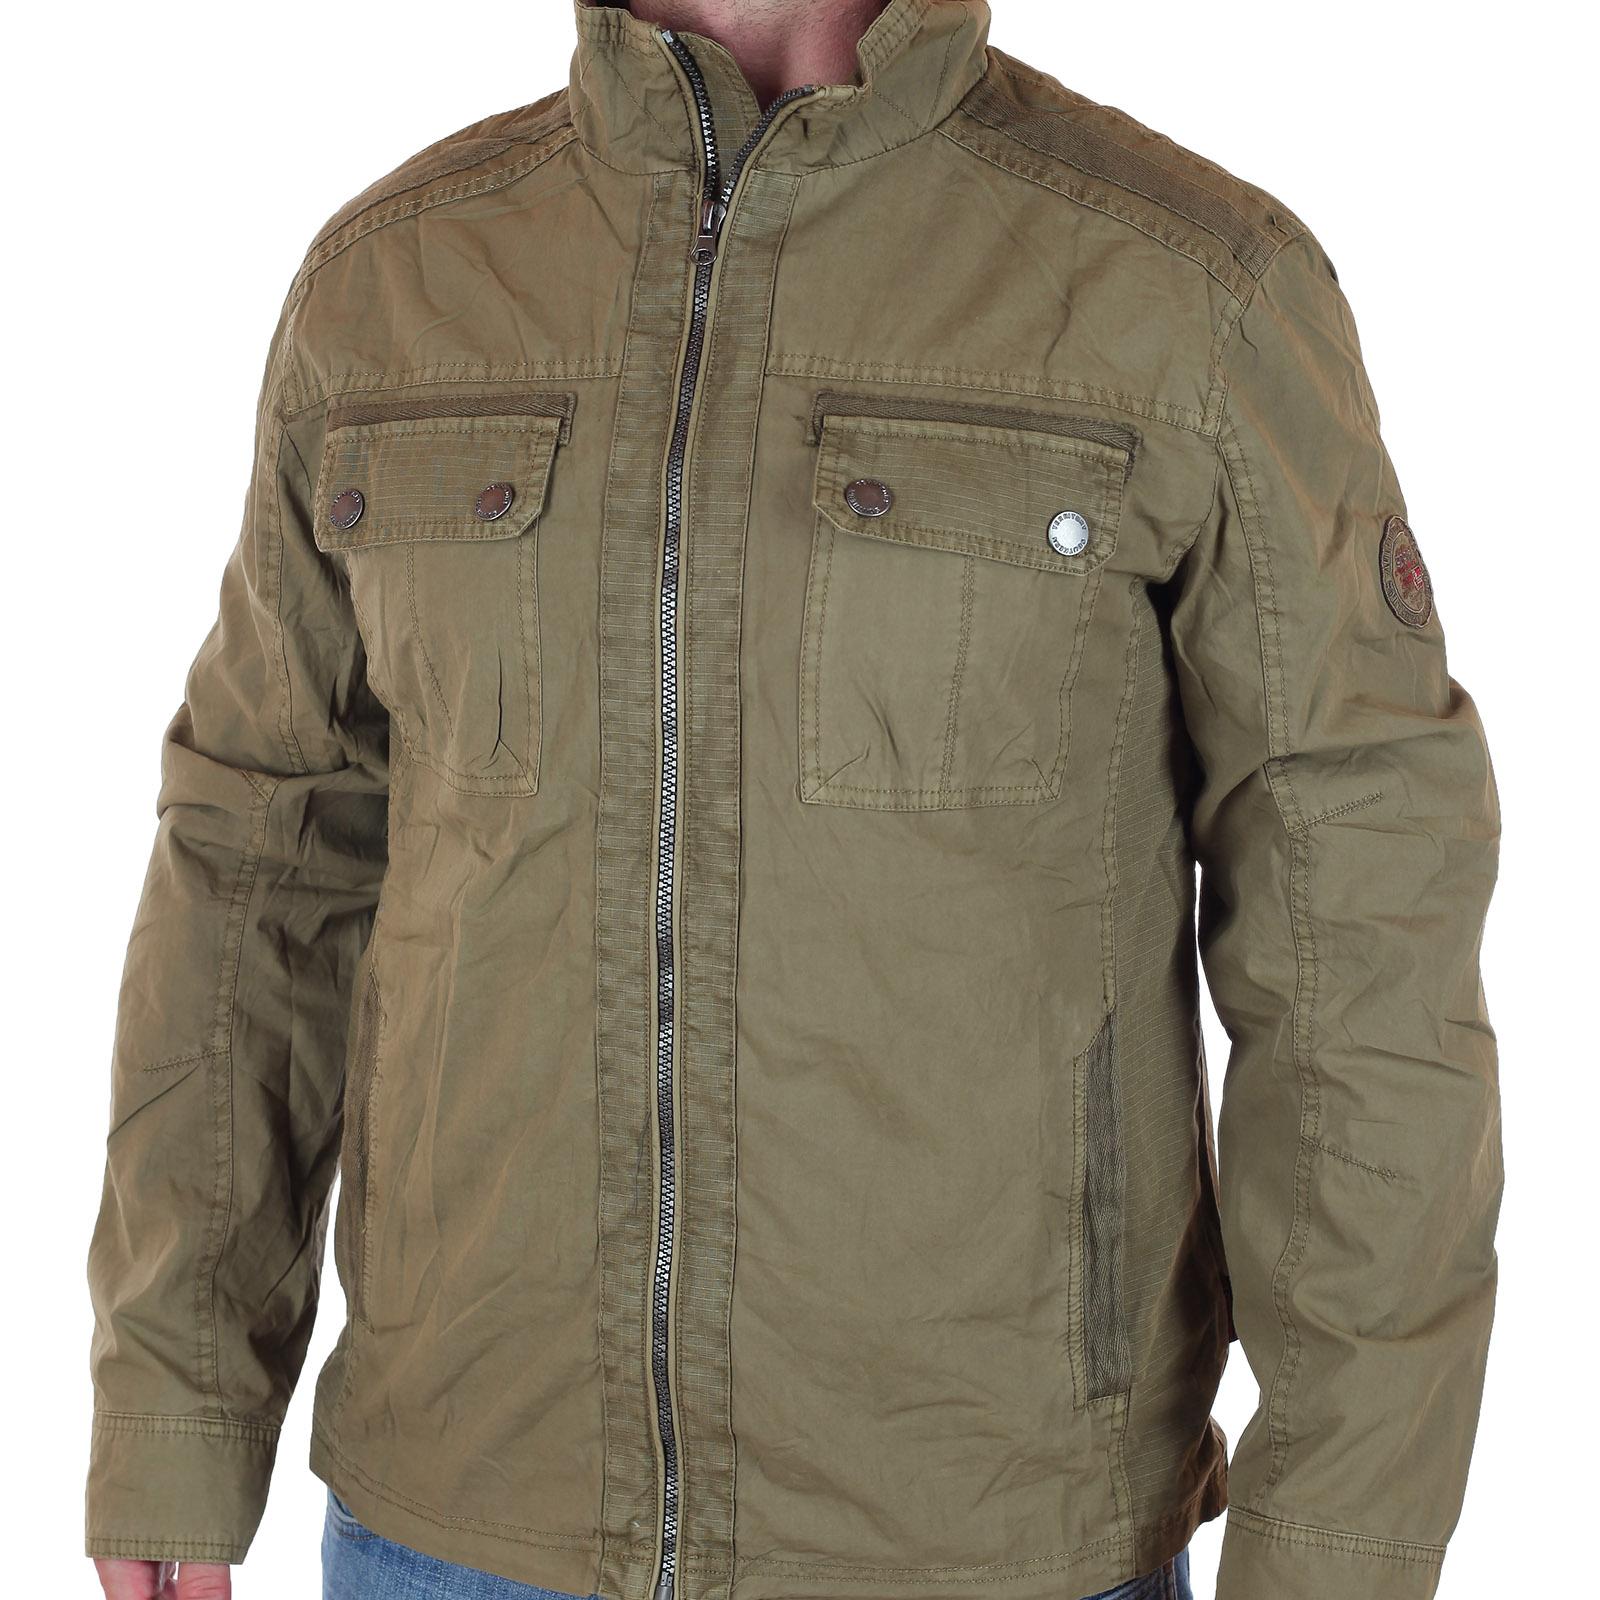 a31b061535c Демисезонная мужская куртка-парка Southern Territory (Норвегия) всего за  999 рублей!